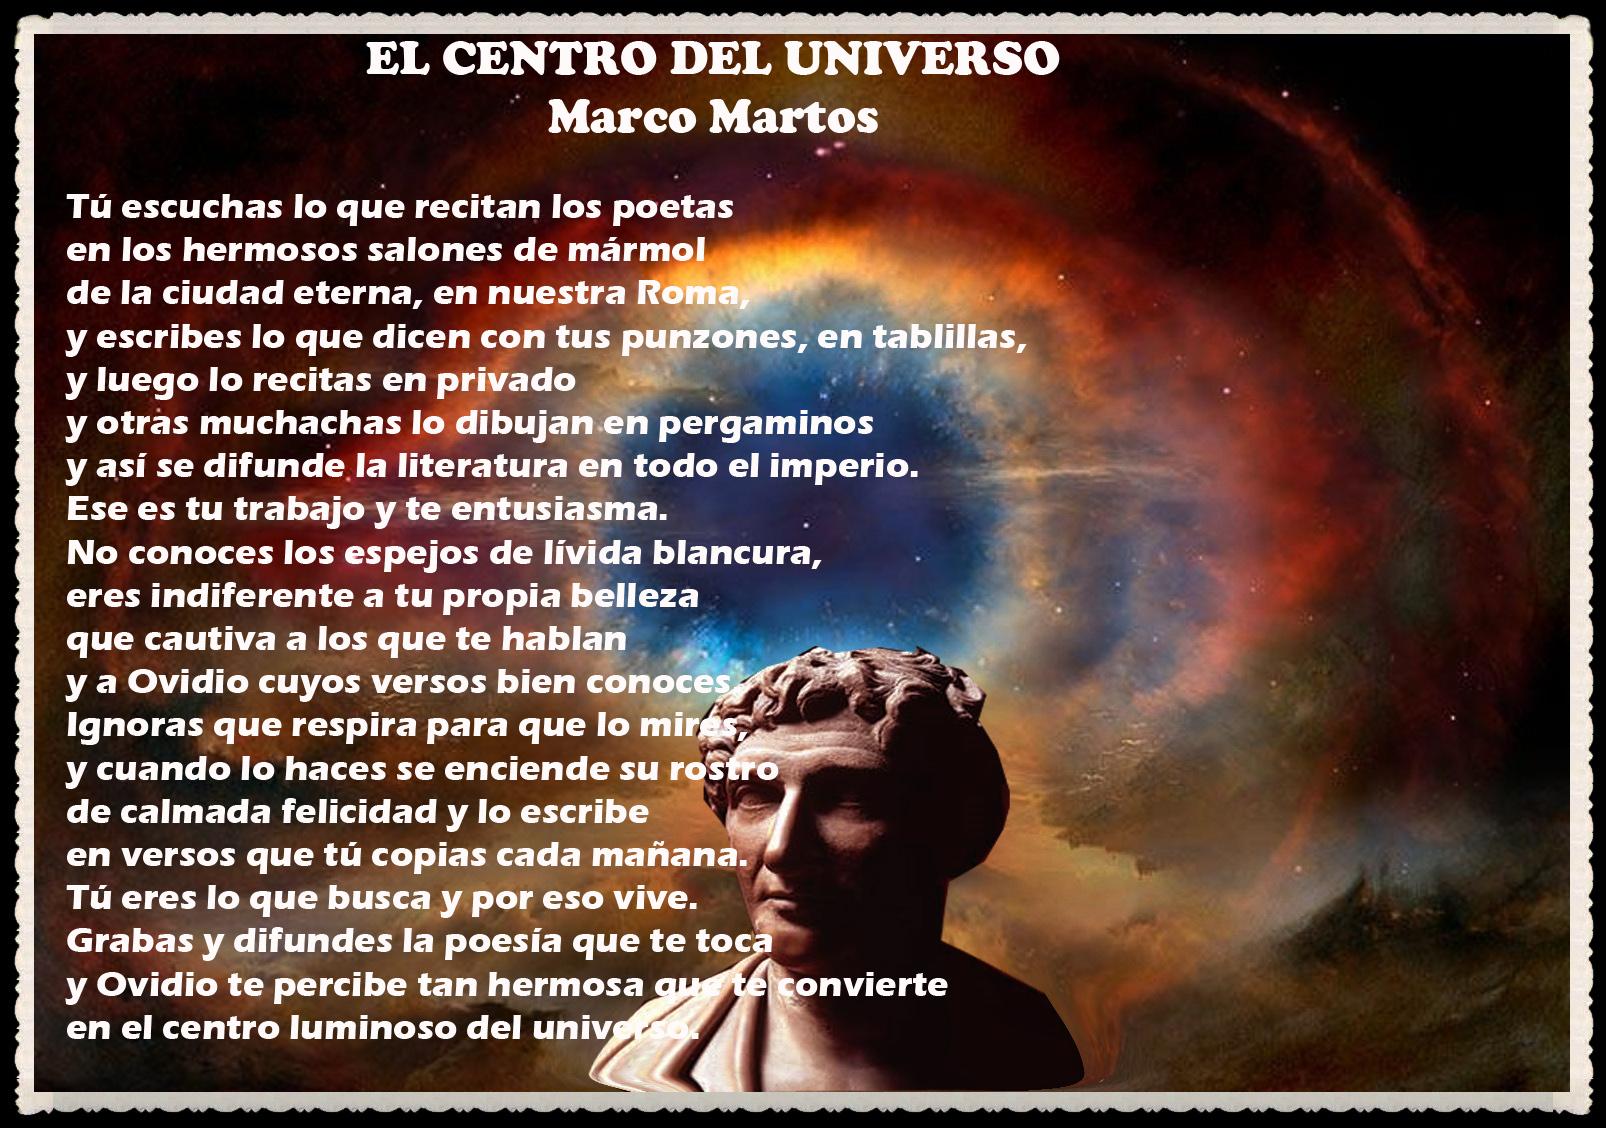 POEMA  : EL CENTRO DEL UNIVERSO POR EL DR MARCO MARTOS UNMSM